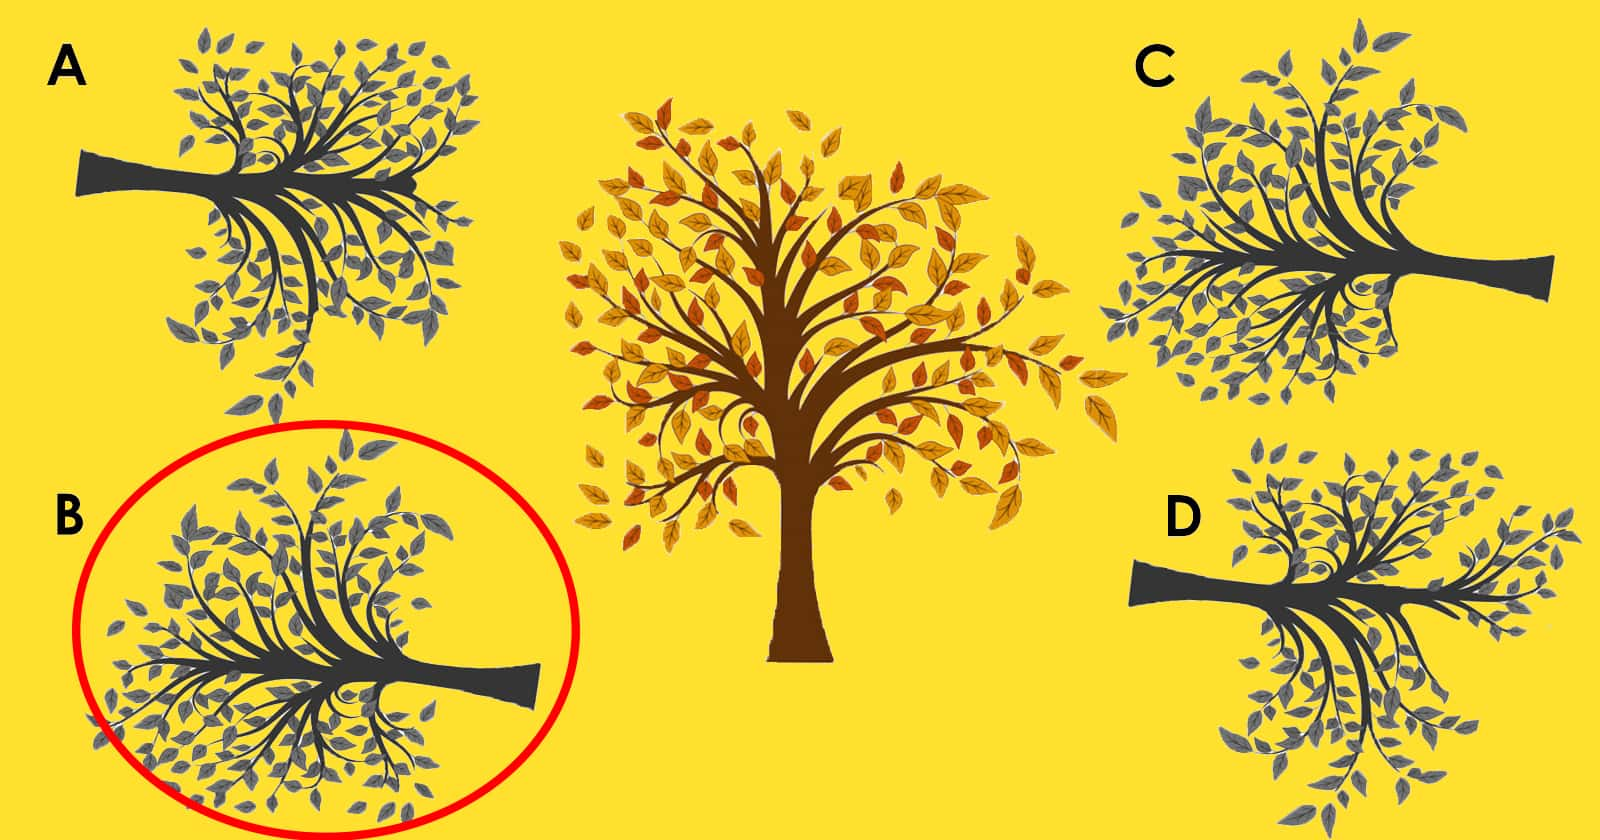 ტესტი: შეგიძლიათ ფოტოზე მოცემული ხის ნამდვილი ჩრდილი იპოვოთ?